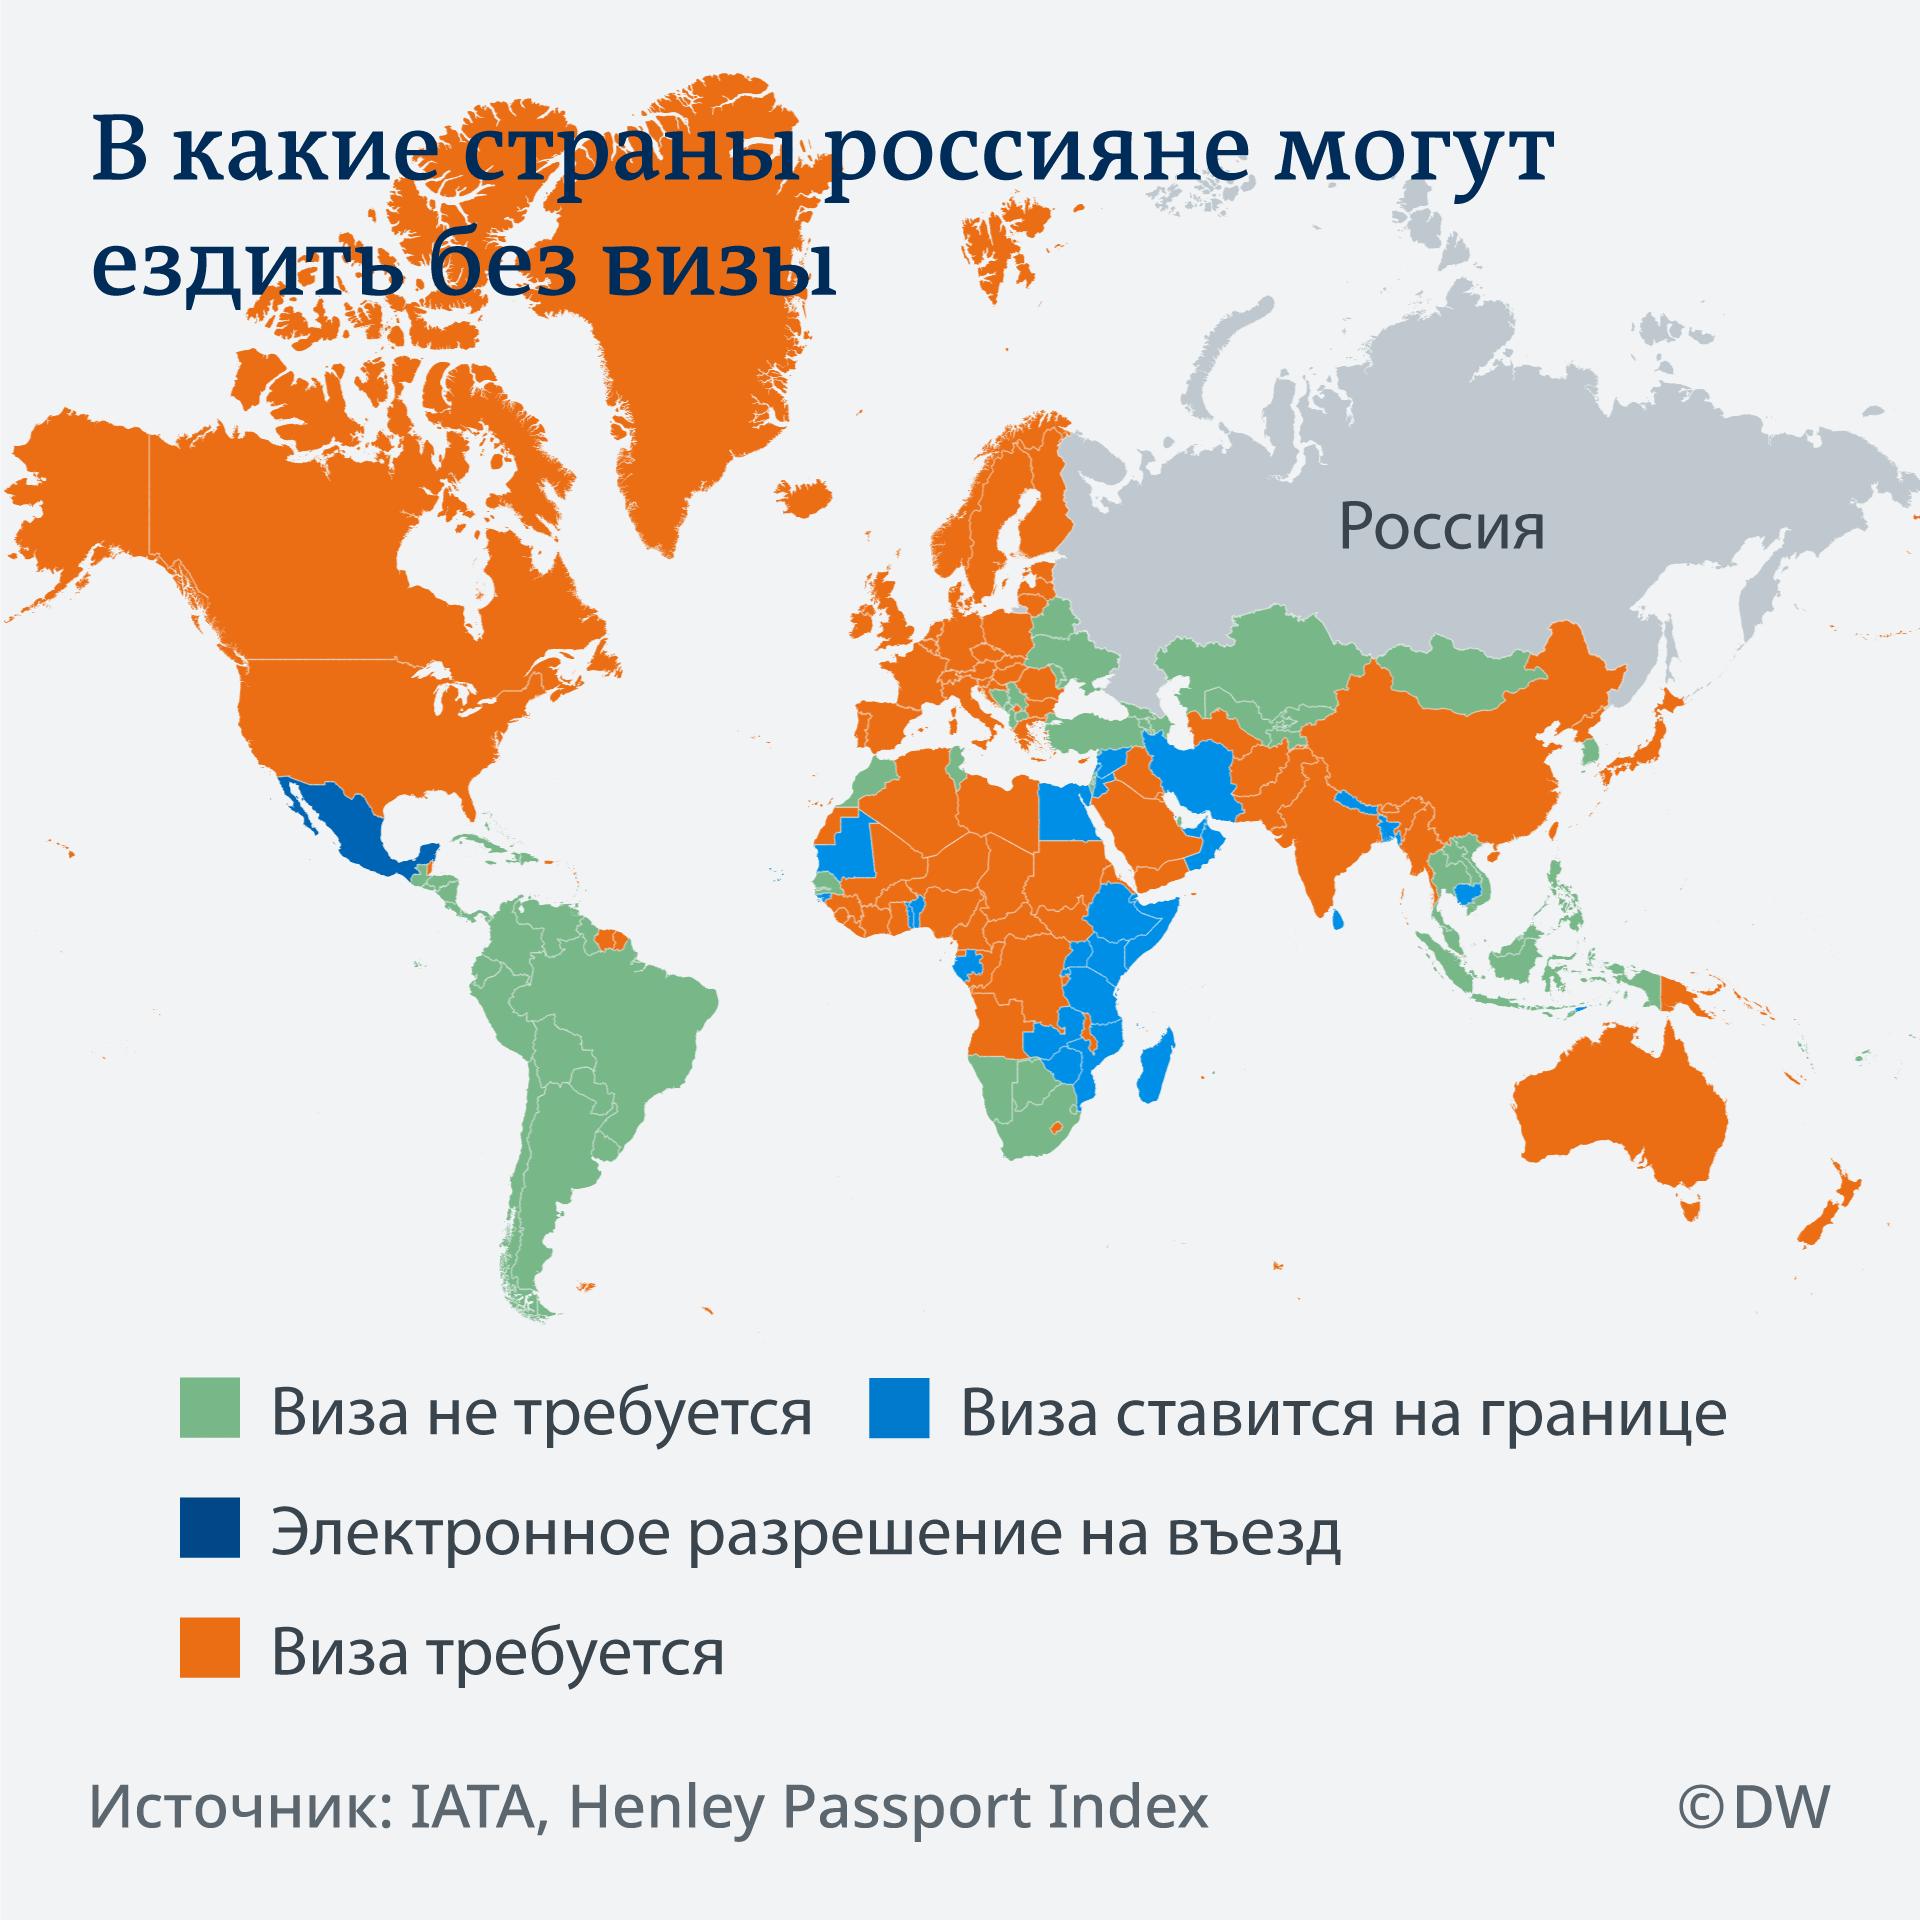 Самые лучшие страны мира 2017 рэдиссон блу дубай